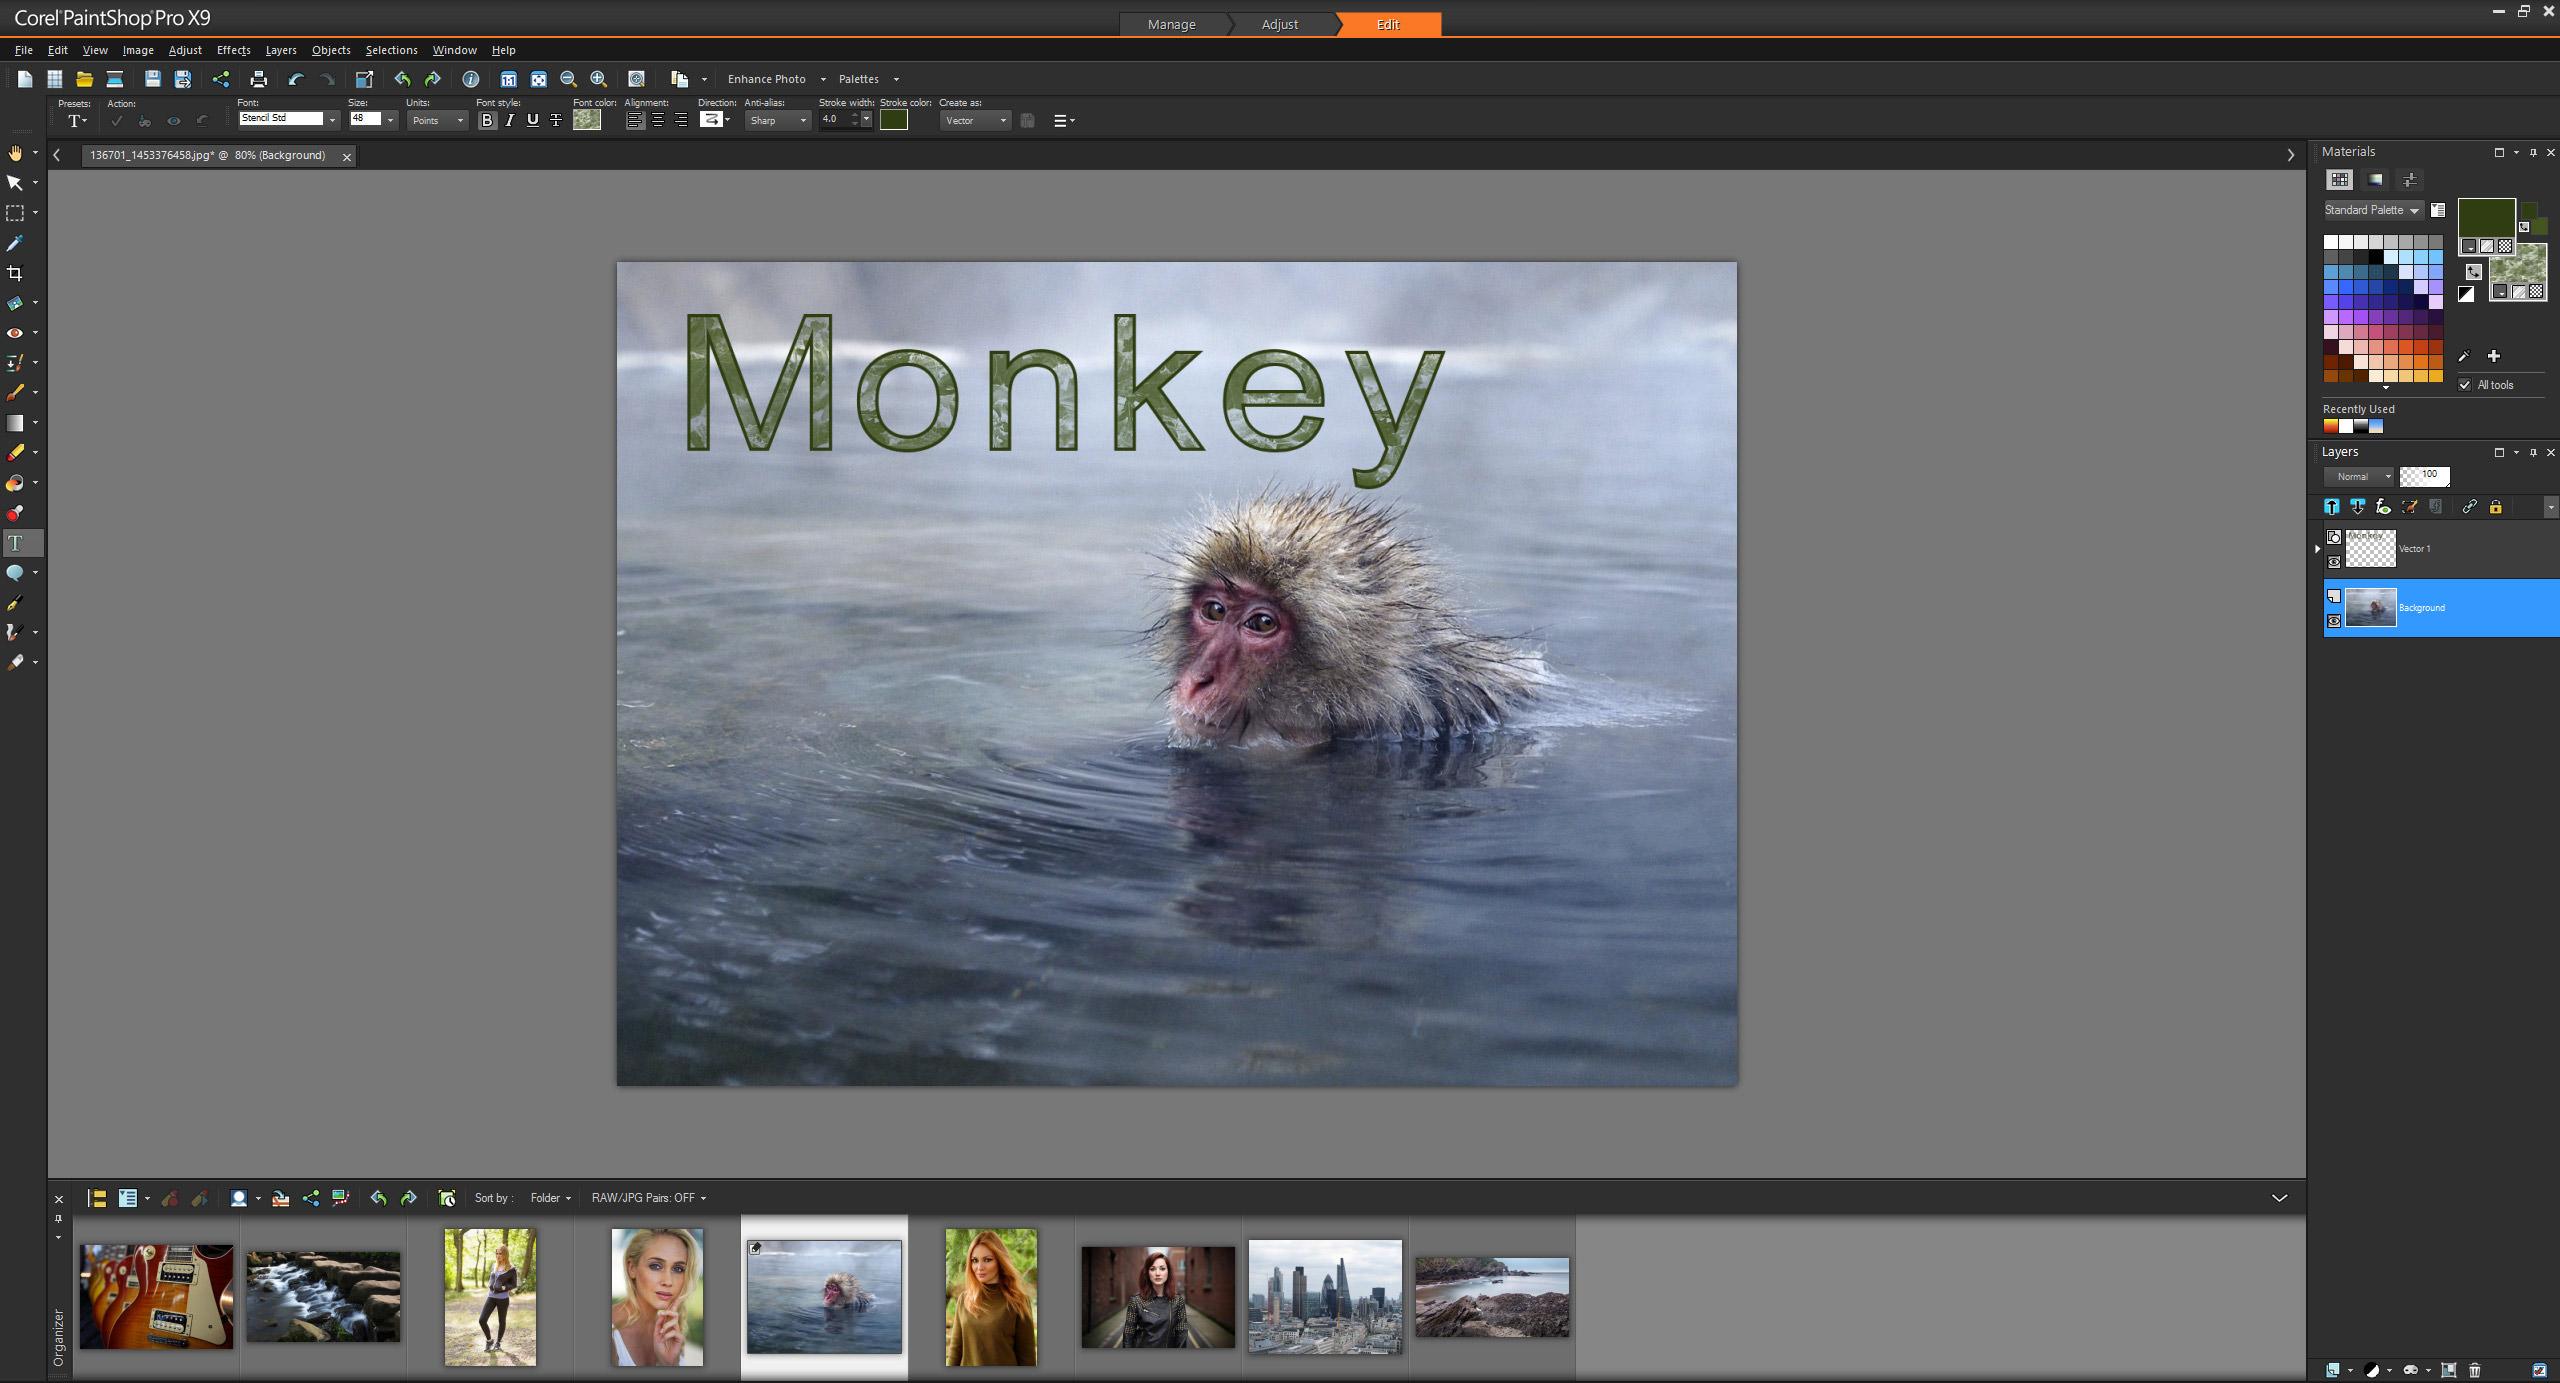 Corel PaintShop Pro X9 Review | ePHOTOzine